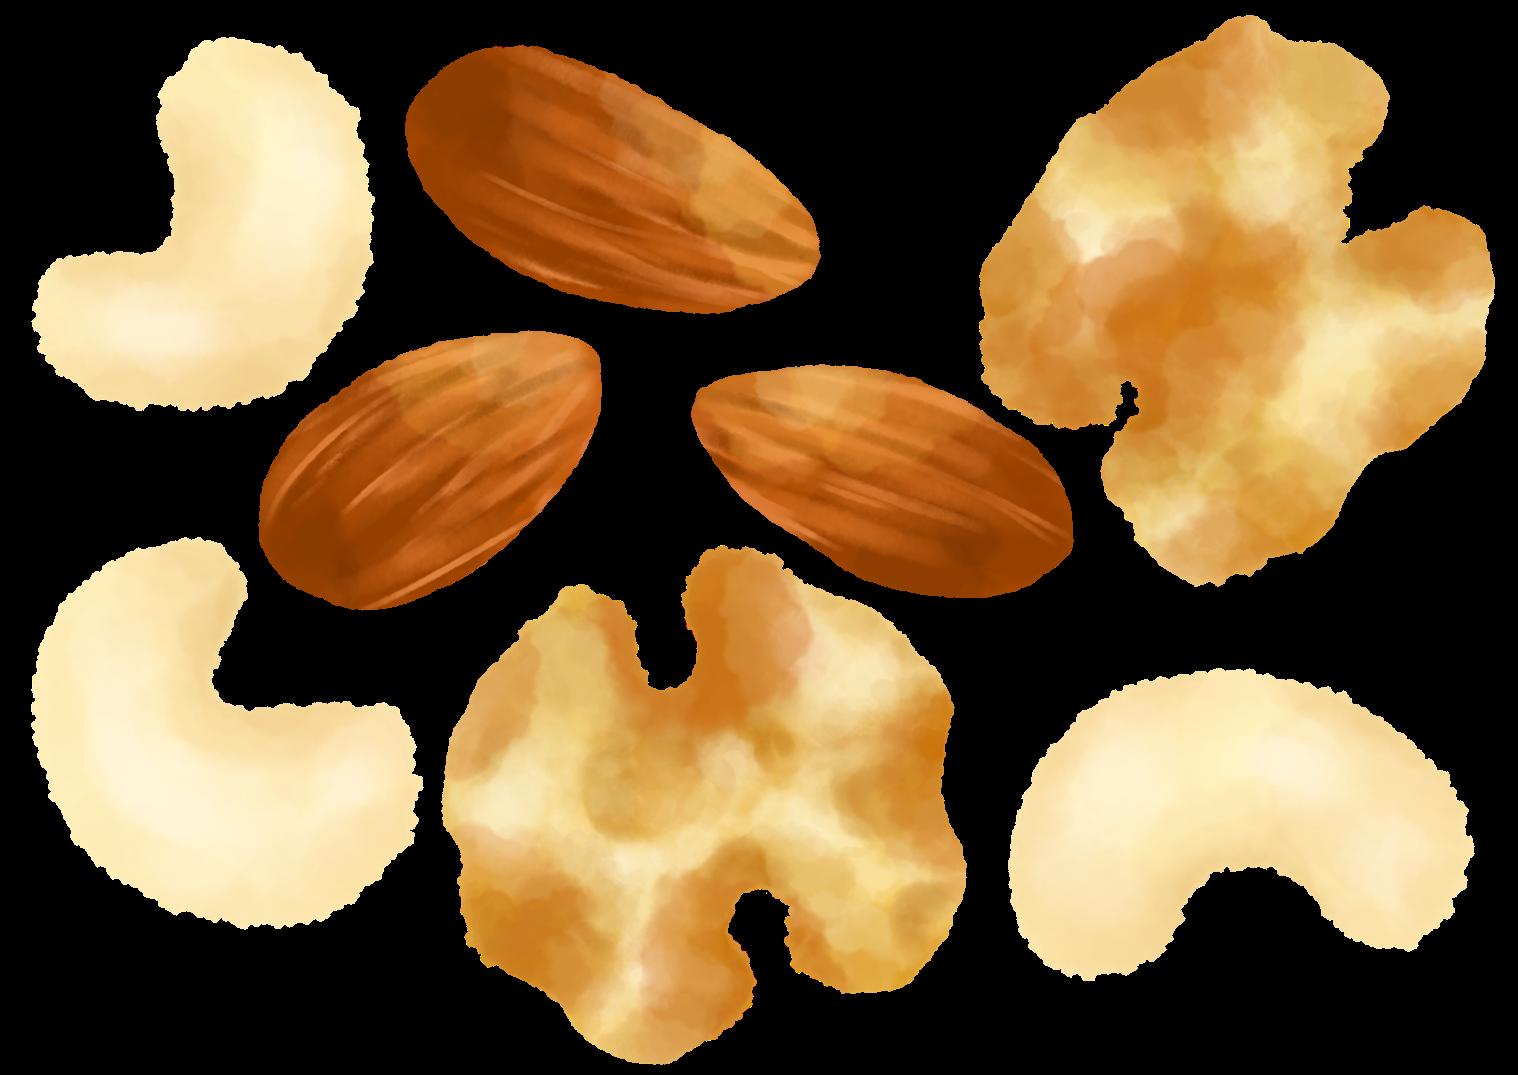 ピーナッツが食べられなければ、アーモンドも食べられない?